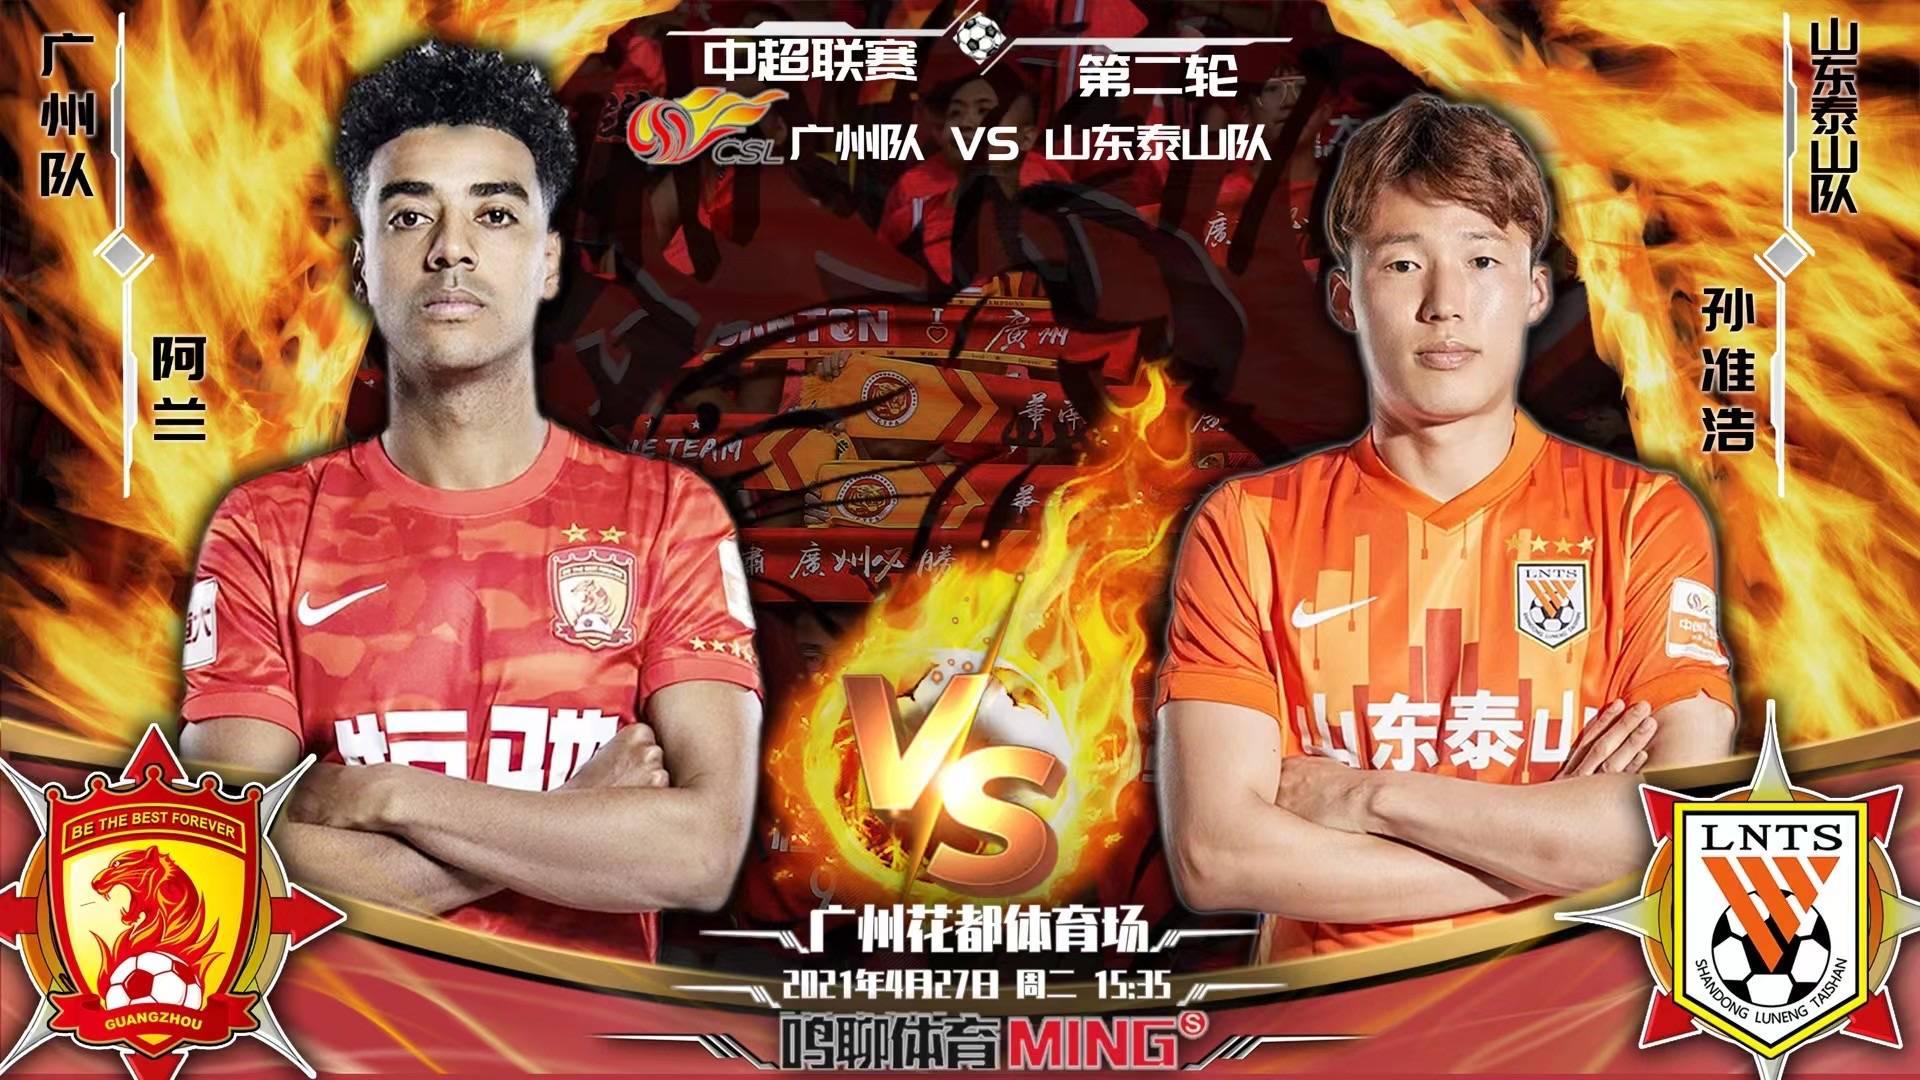 原创             前瞻:广州队理应首发两名U23,山东引援到位三线更均衡但仍存弱点